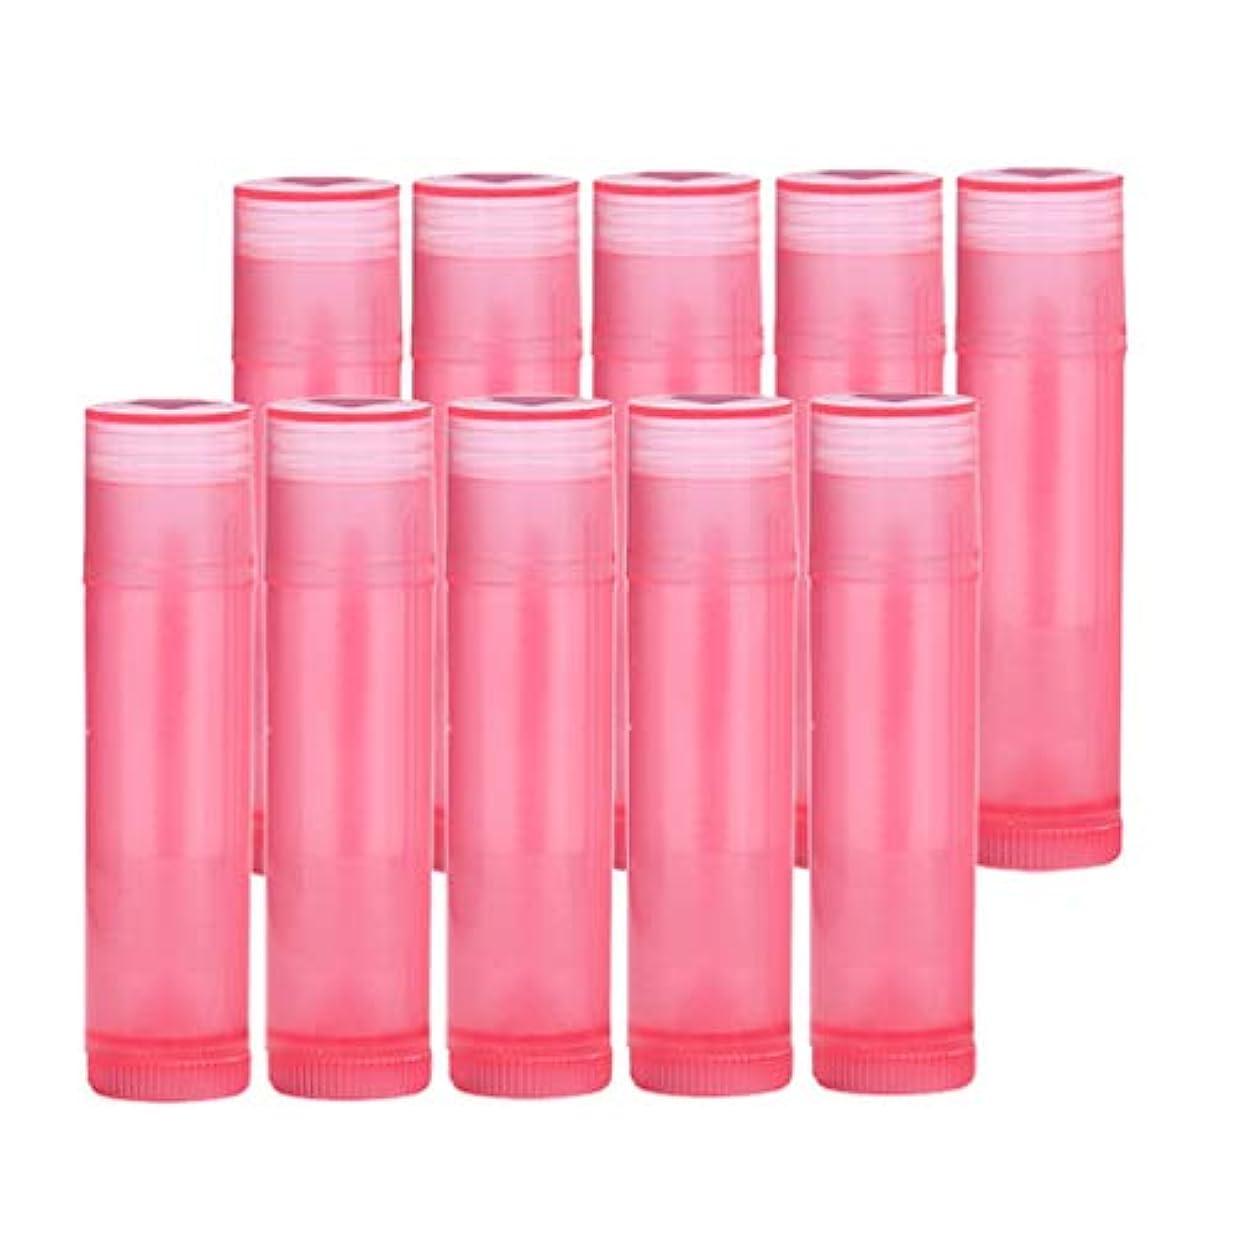 スケート悪党トーストプラスチック 空 口紅容器 口紅の管 リップクリーム容器 10個 全7色 - ローズレッド